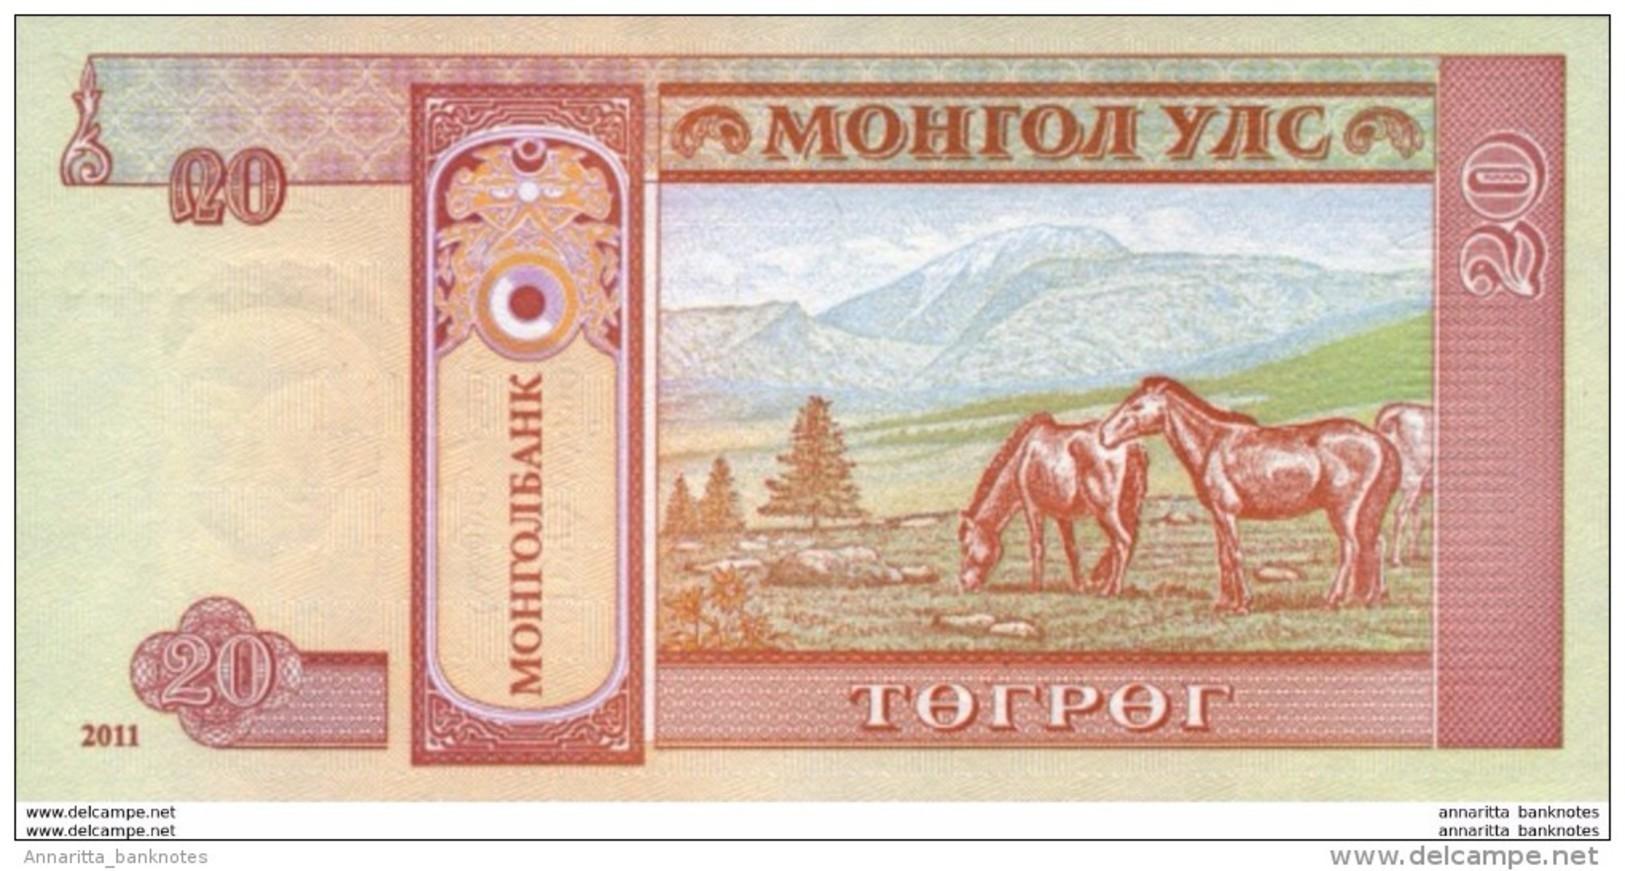 MONGOLIA 20 TÖGRÖG 2011 P-63f UNC [MN431b] - Mongolie